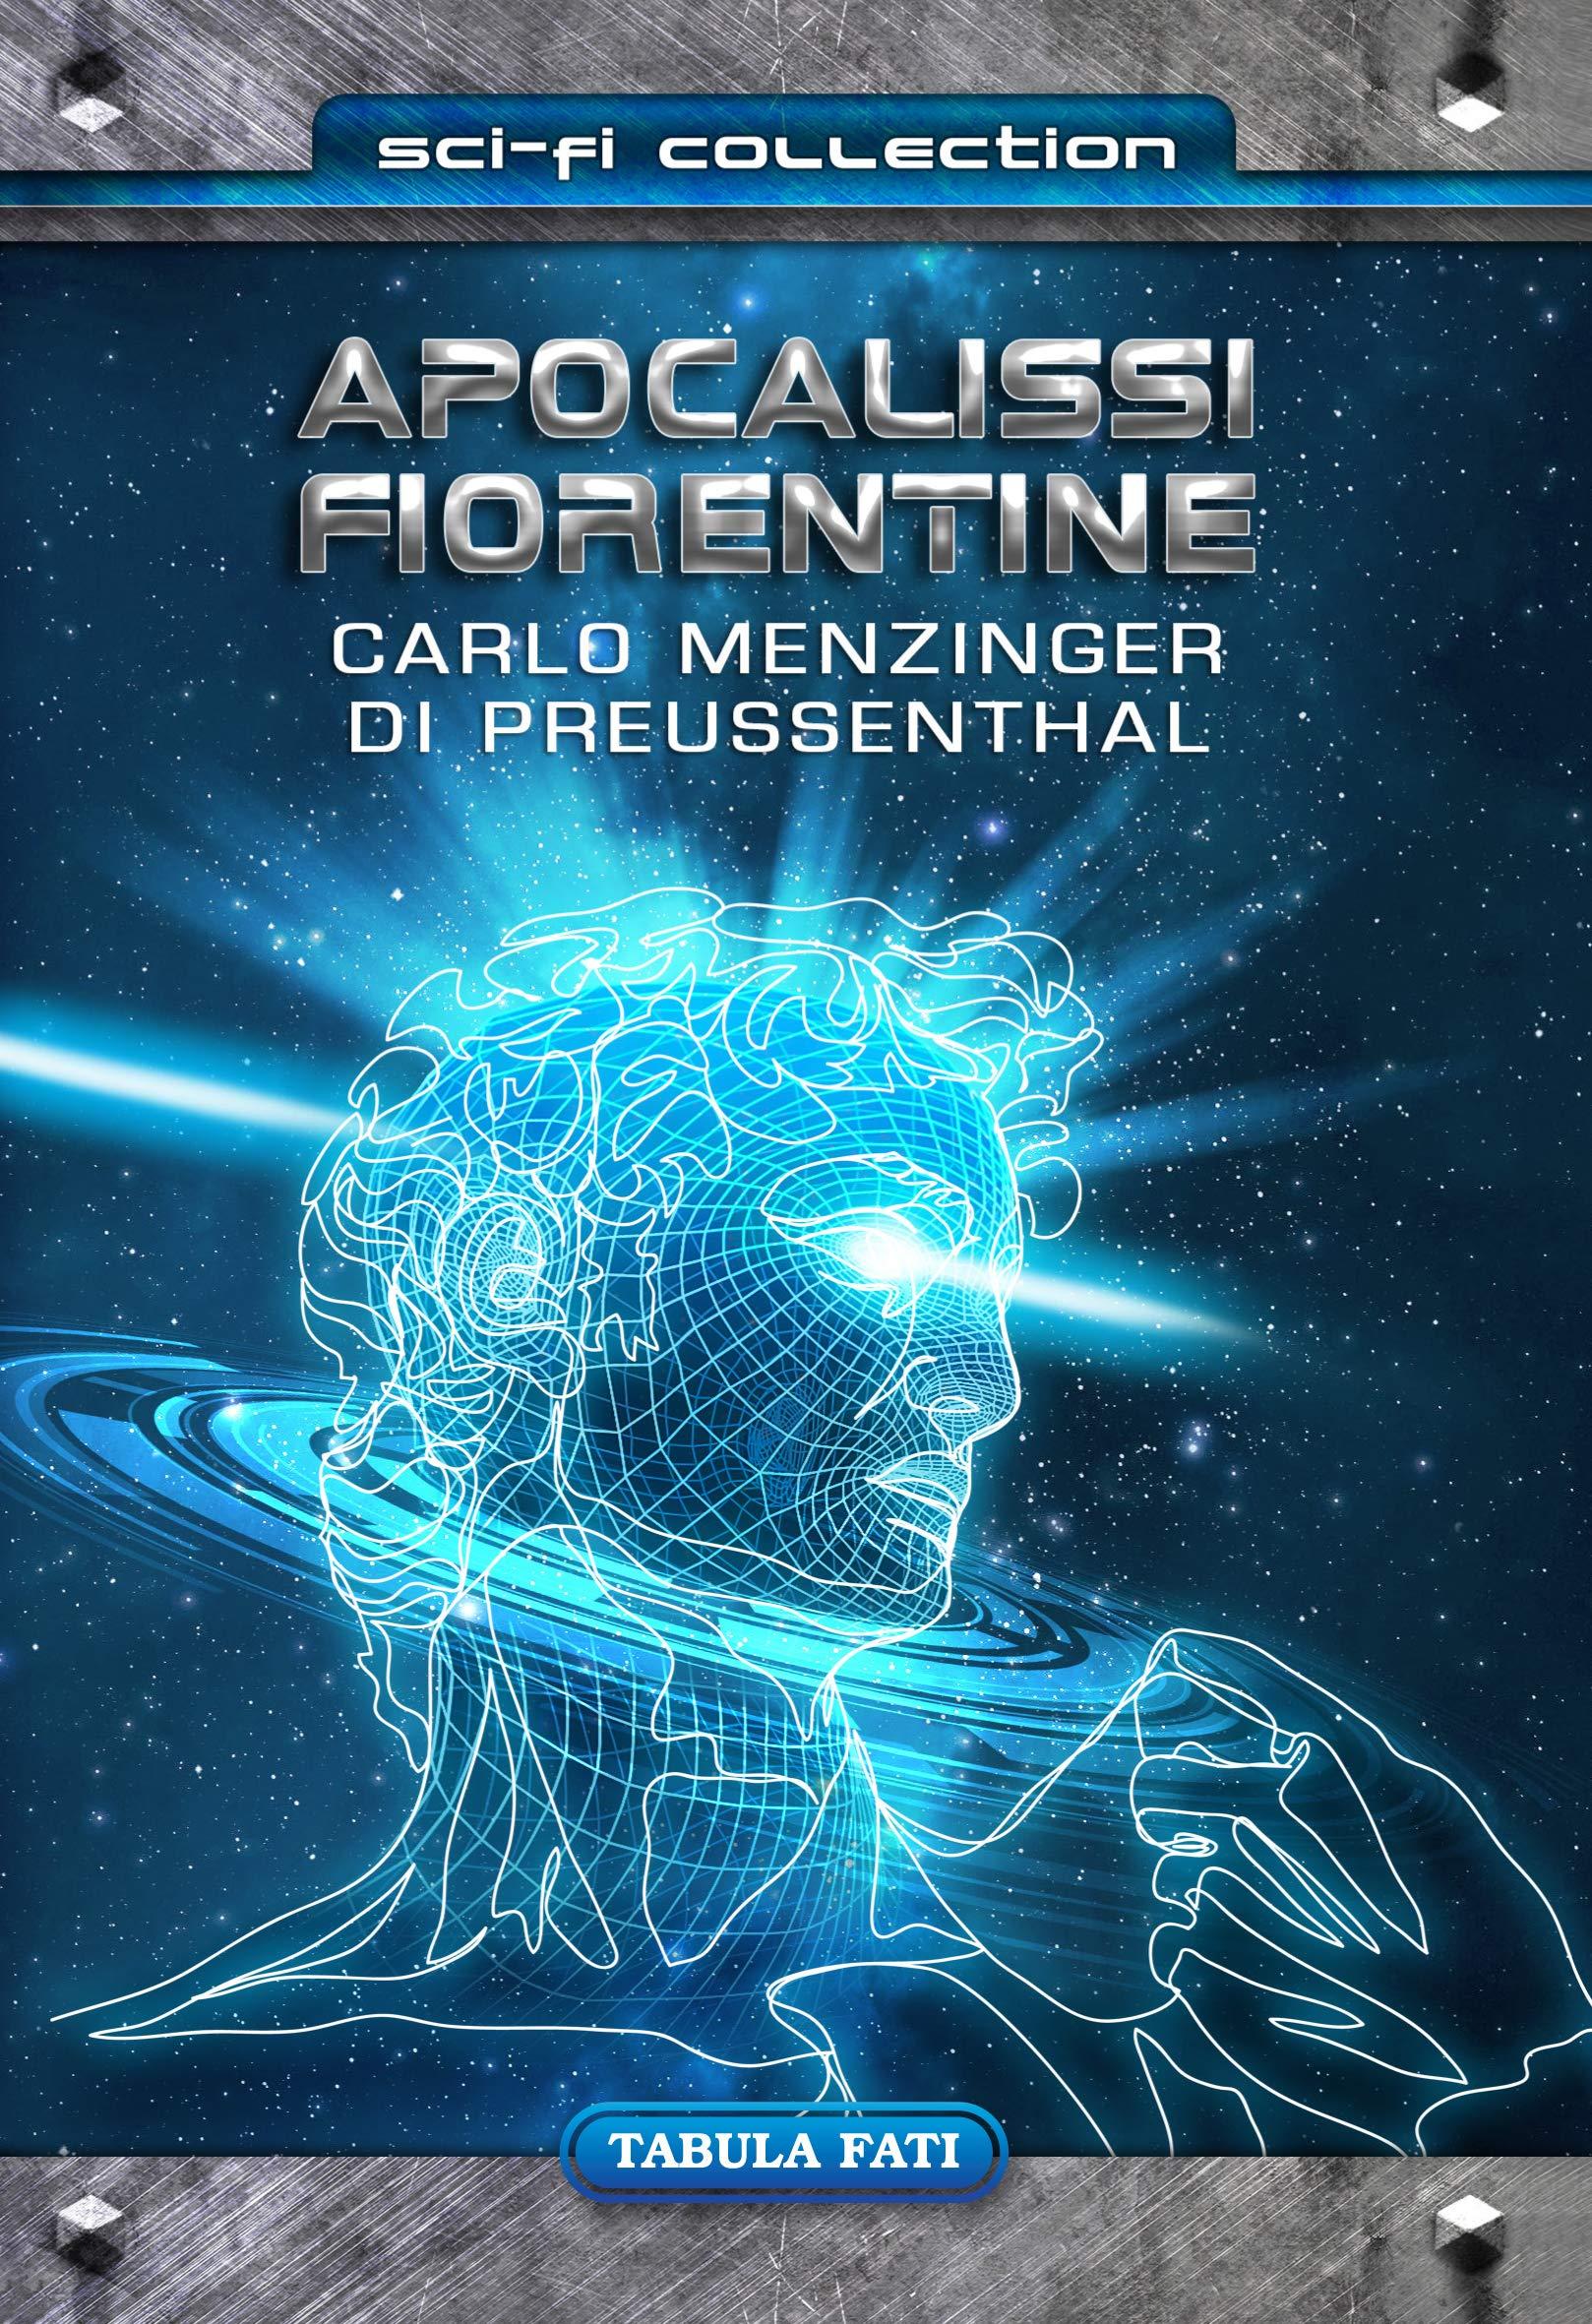 Amazon.it: Apocalissi fiorentine - Menzinger, Carlo, Scalzo, Marcello -  Libri